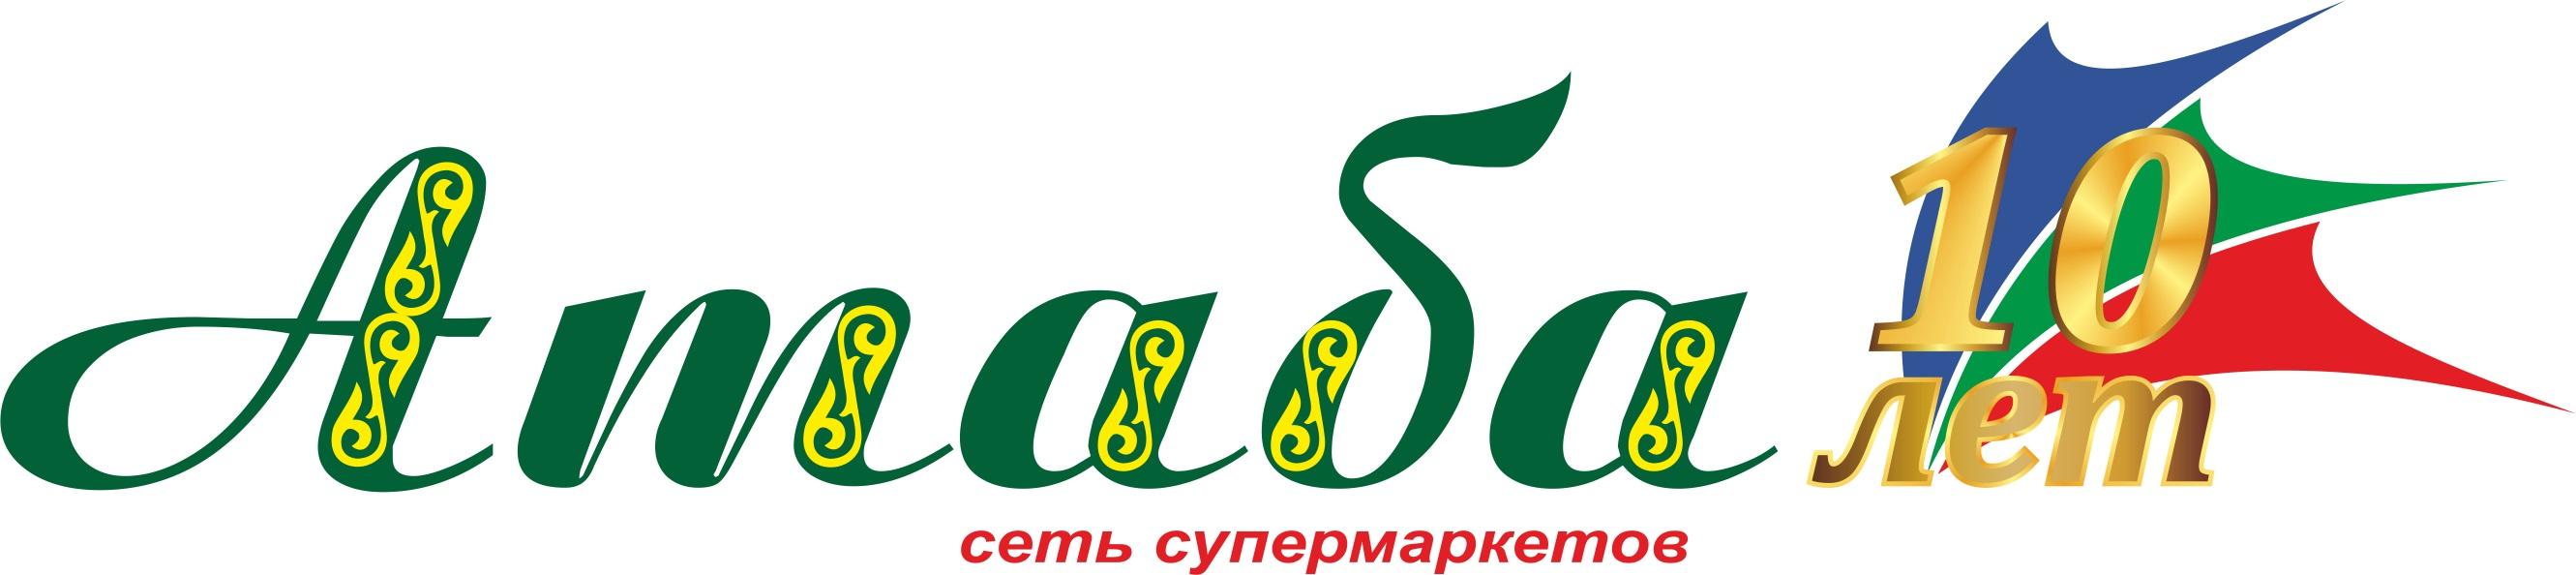 Сеть супермаркетов Атаба